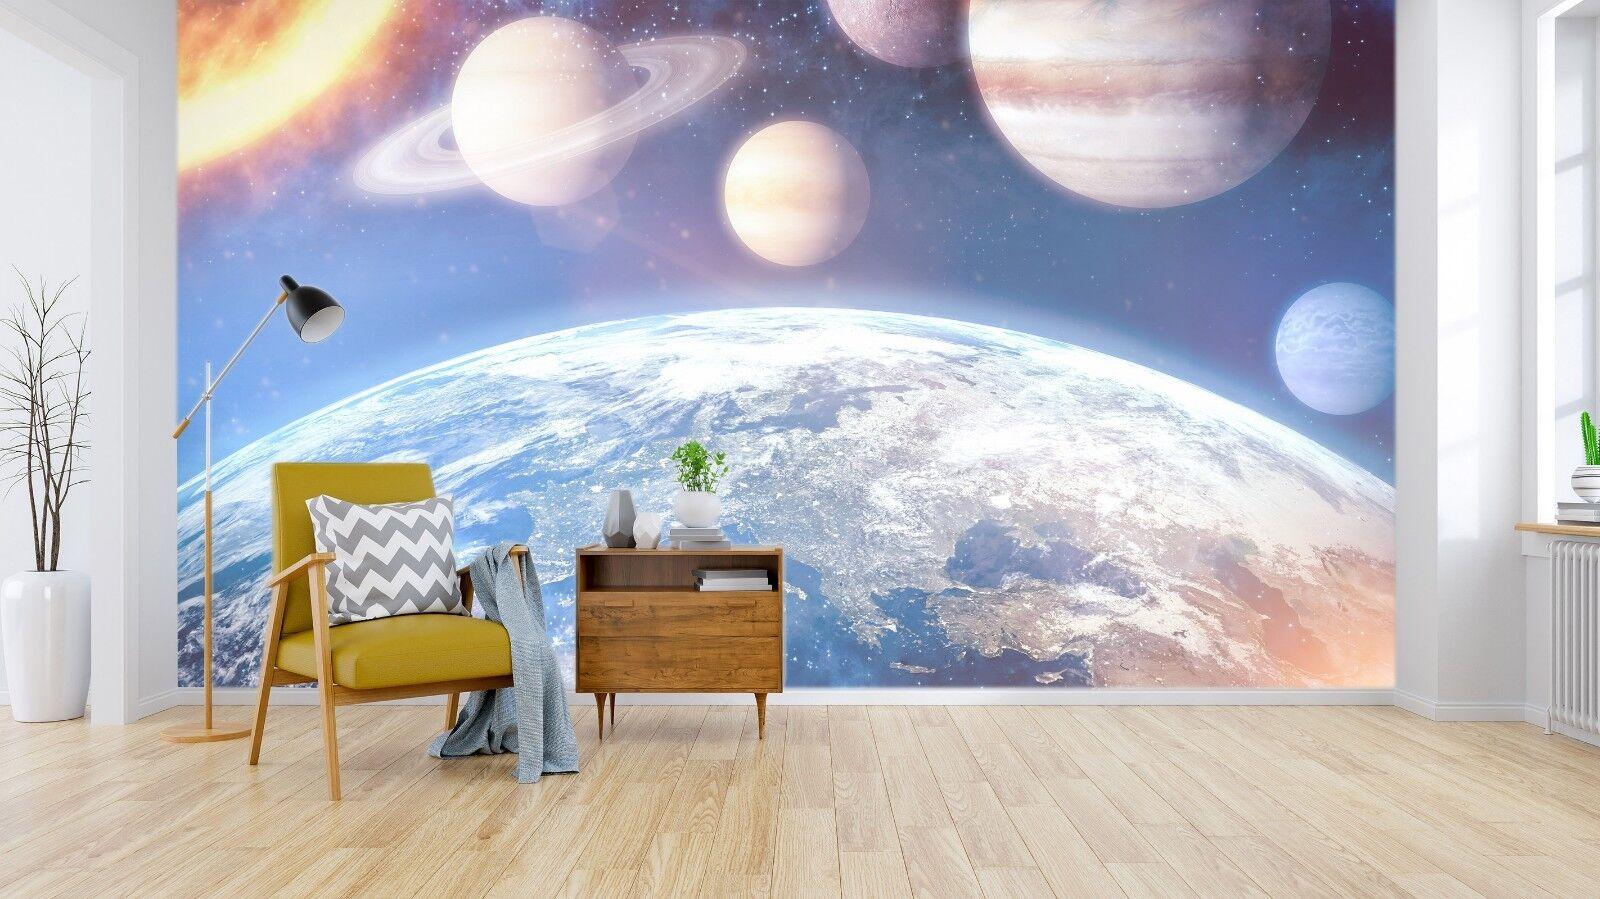 3D Raum Raum Raum Planet 962 Tapete Wandgemälde Tapete Tapeten Bild Familie DE Sidney | Garantiere Qualität und Quantität  | Attraktiv Und Langlebig  |  7cc570